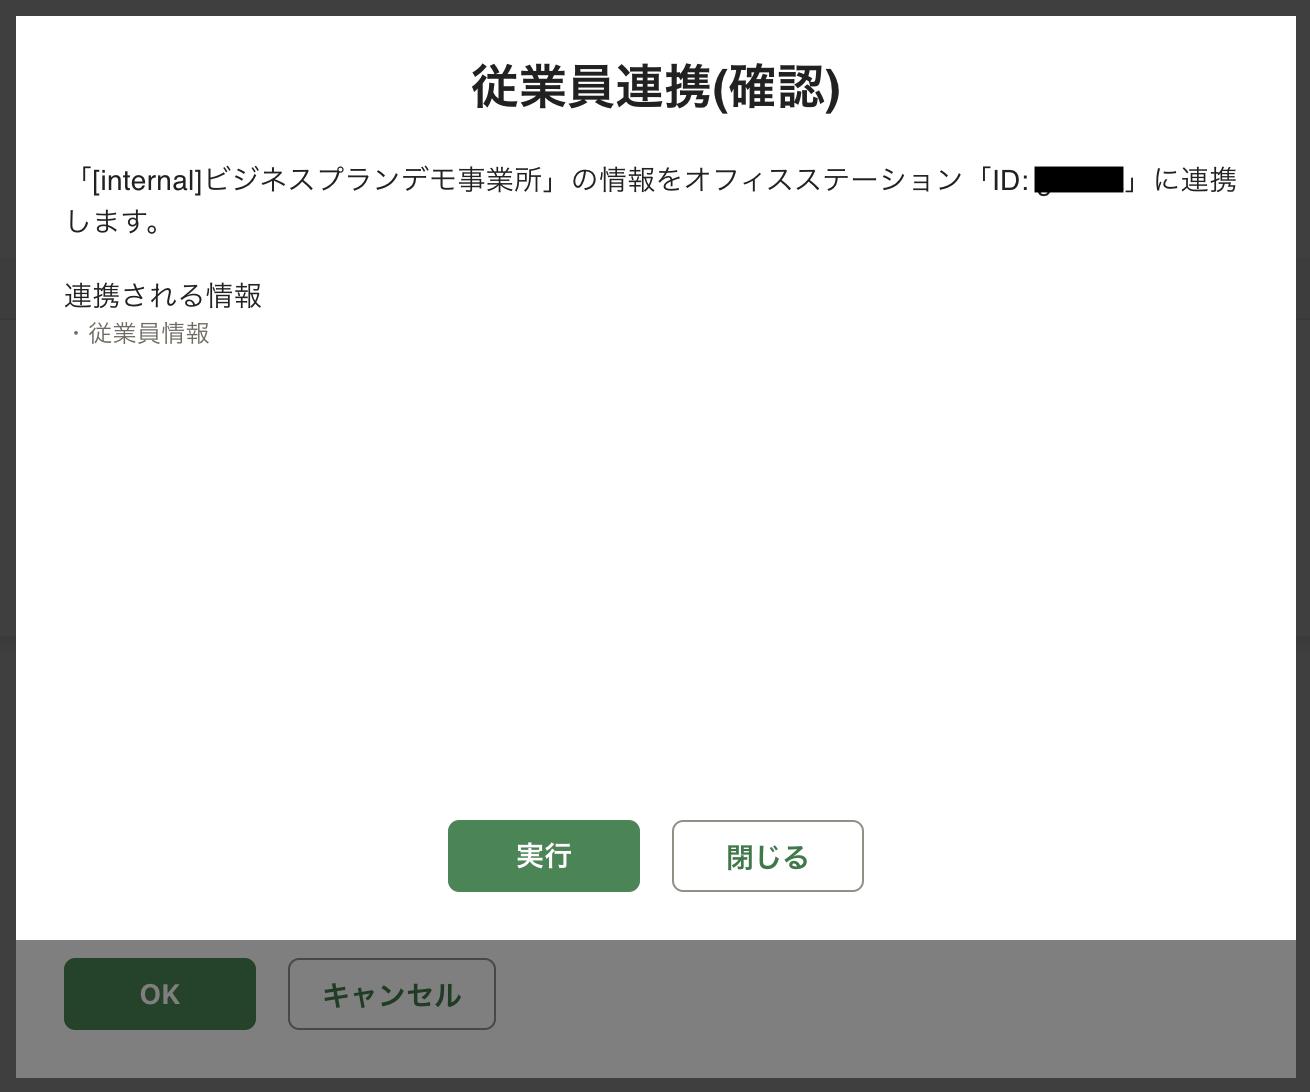 従業員連携(確認)画面のスクリーンショット